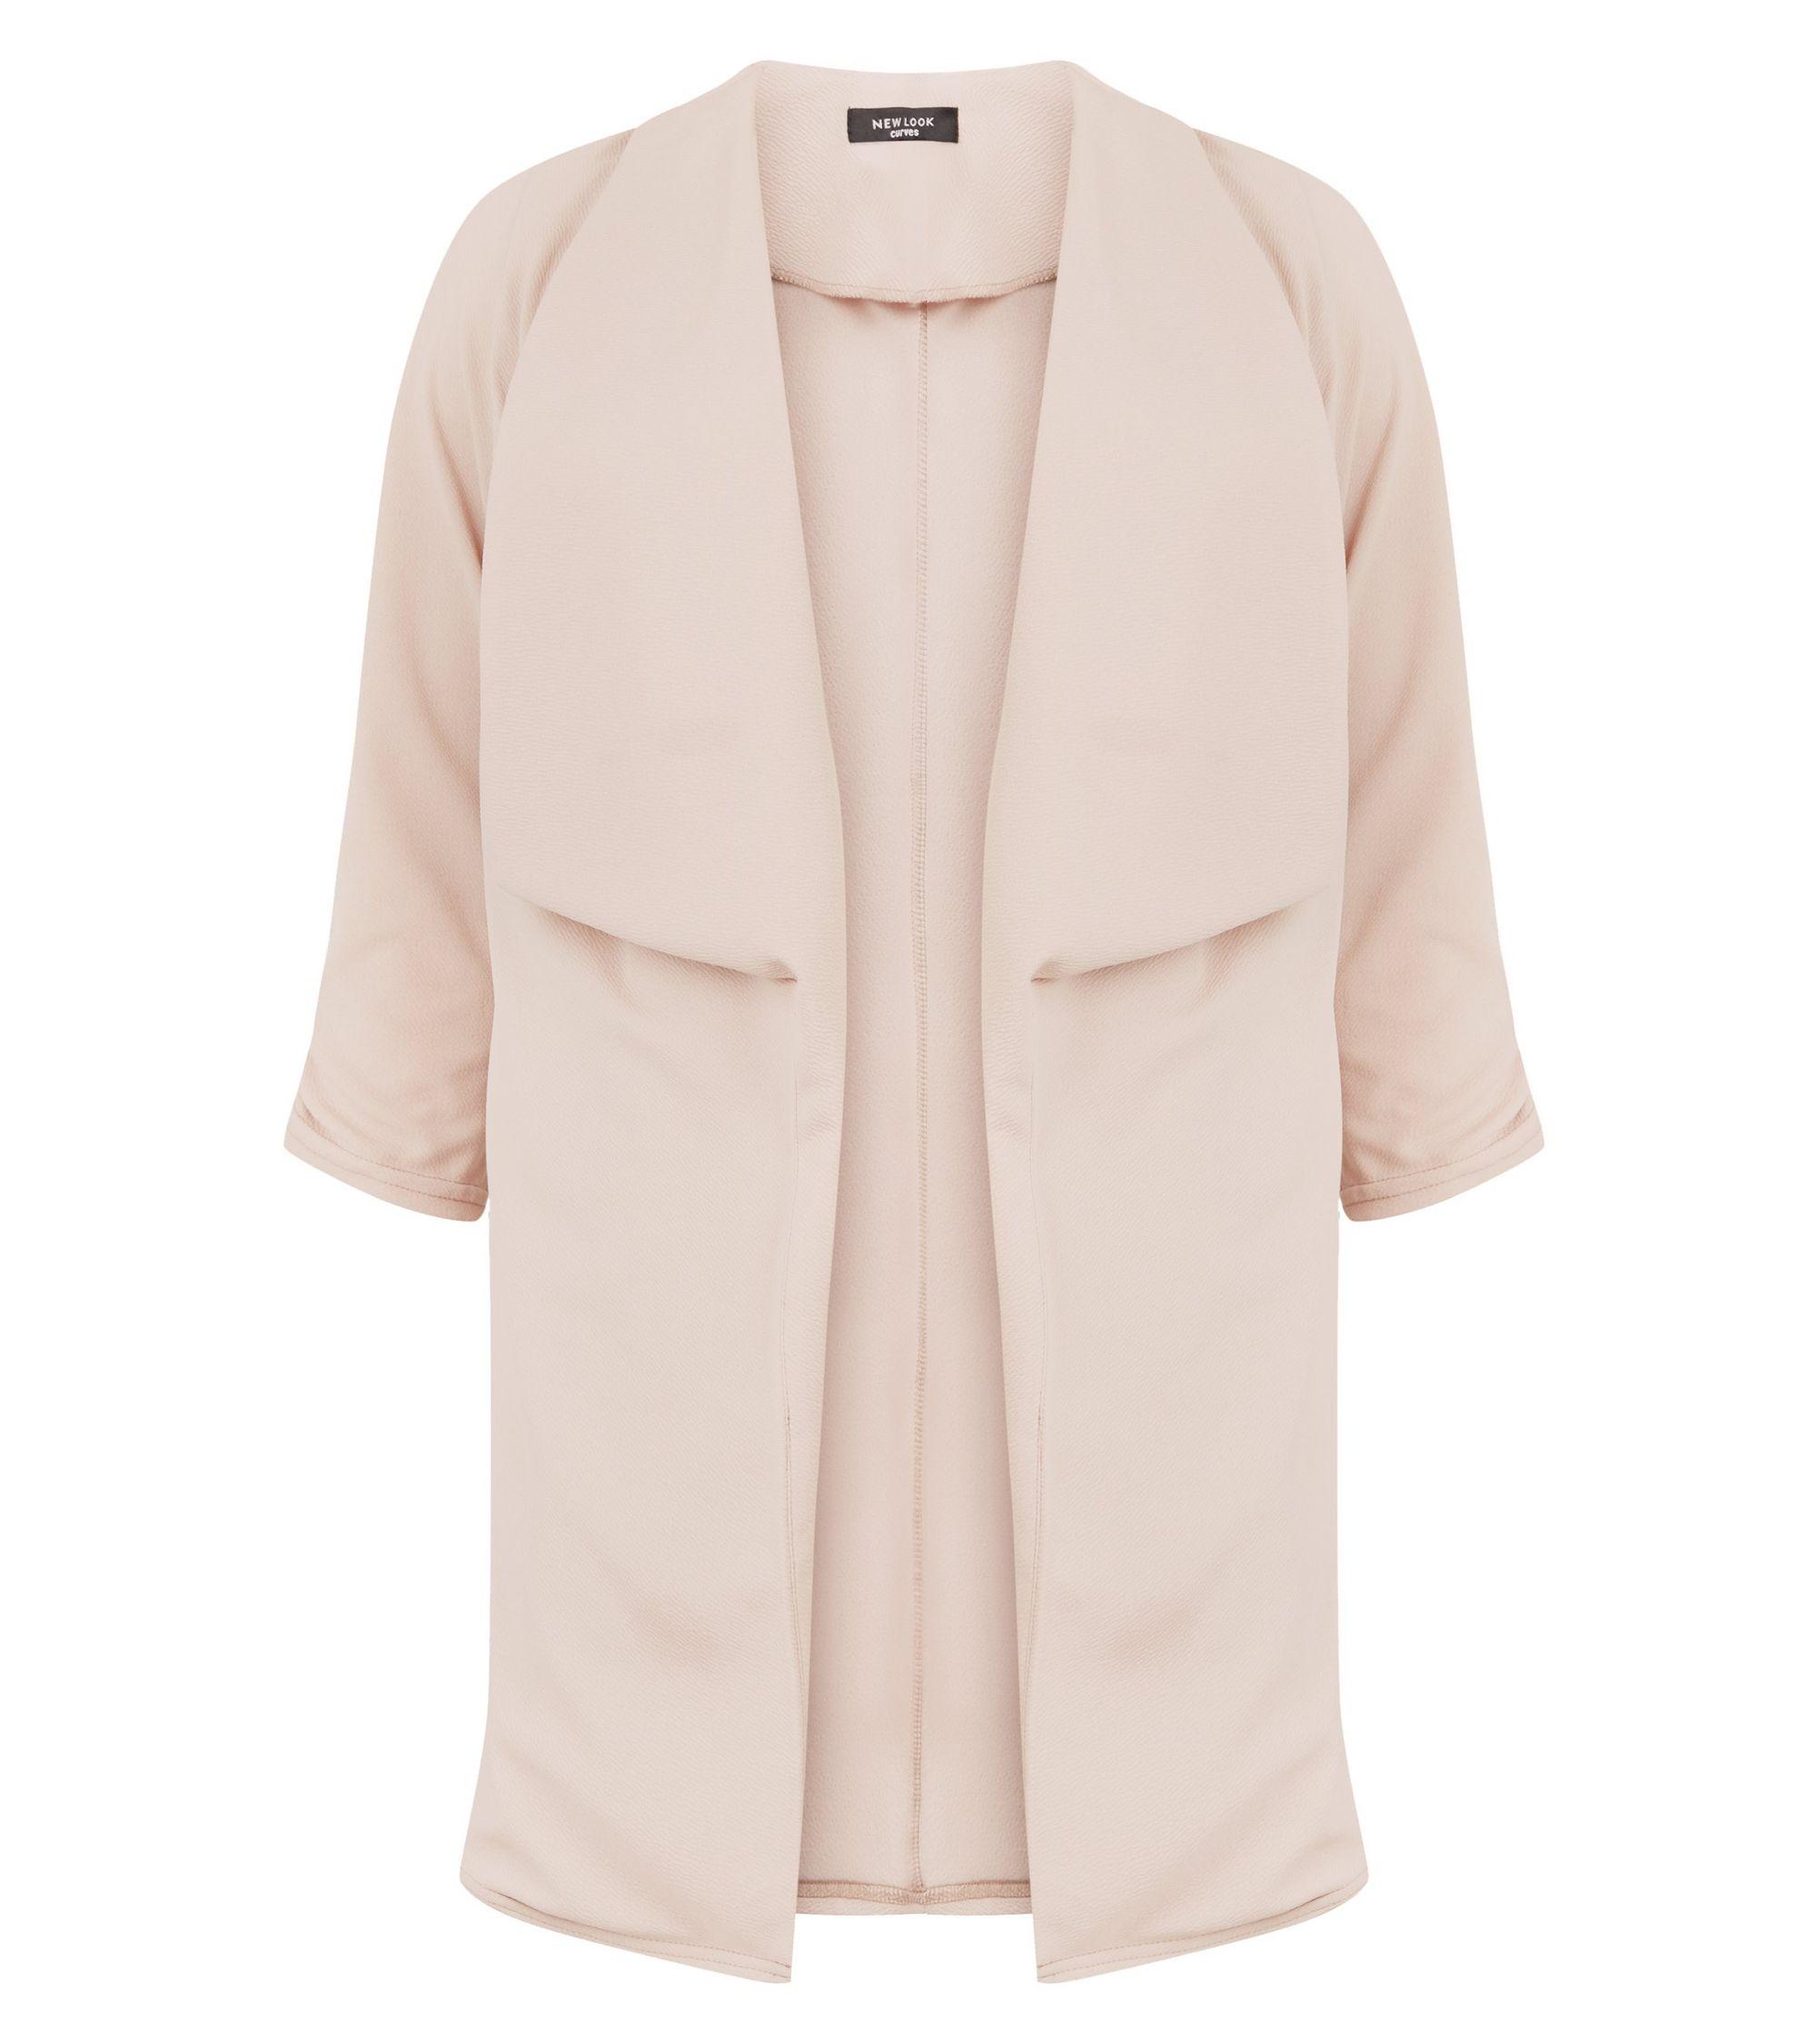 1fb05269f62 New Look Curves Pink Longline Waterfall Blazer at £24.99